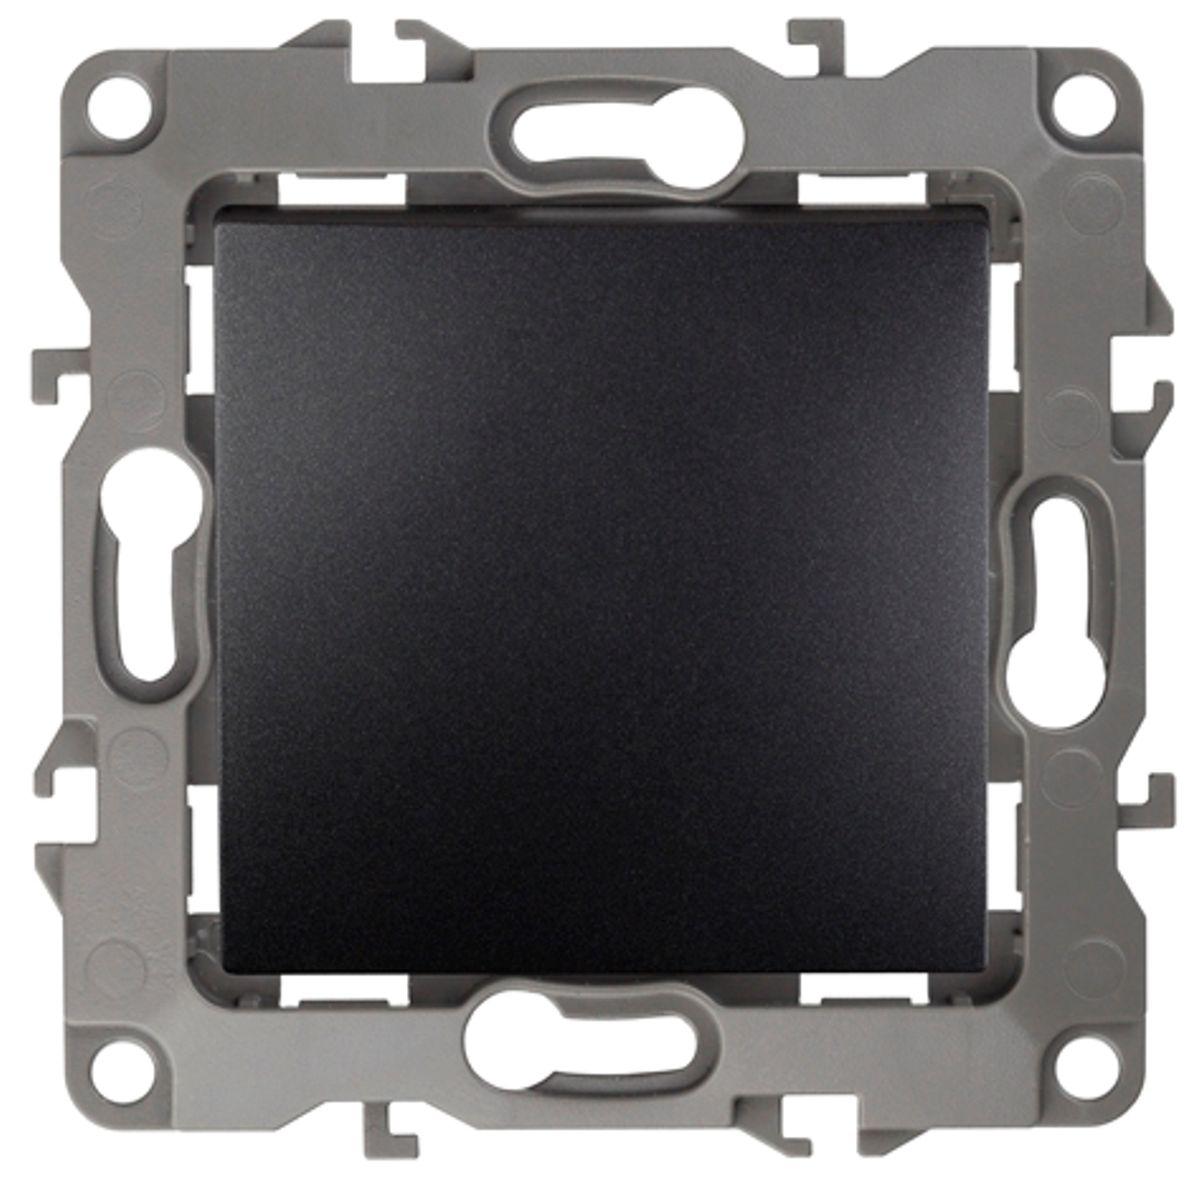 Выключатель ЭРА, цвет: антрацит, серый. 12-110112-1101-05Выключатель ЭРА выполнен из прочного пластика, контакты бронзовые. Изделие просто в установке, надежно в эксплуатации. Выключатель имеет специальные фиксаторы, которые не дают ему смещаться как при монтаже, так и в процессе эксплуатации. Автоматические зажимы кабеля обеспечивают быстрый и надежный монтаж изделия к электросети без отвертки и не требуют обслуживания в отличие от винтовых зажимов.